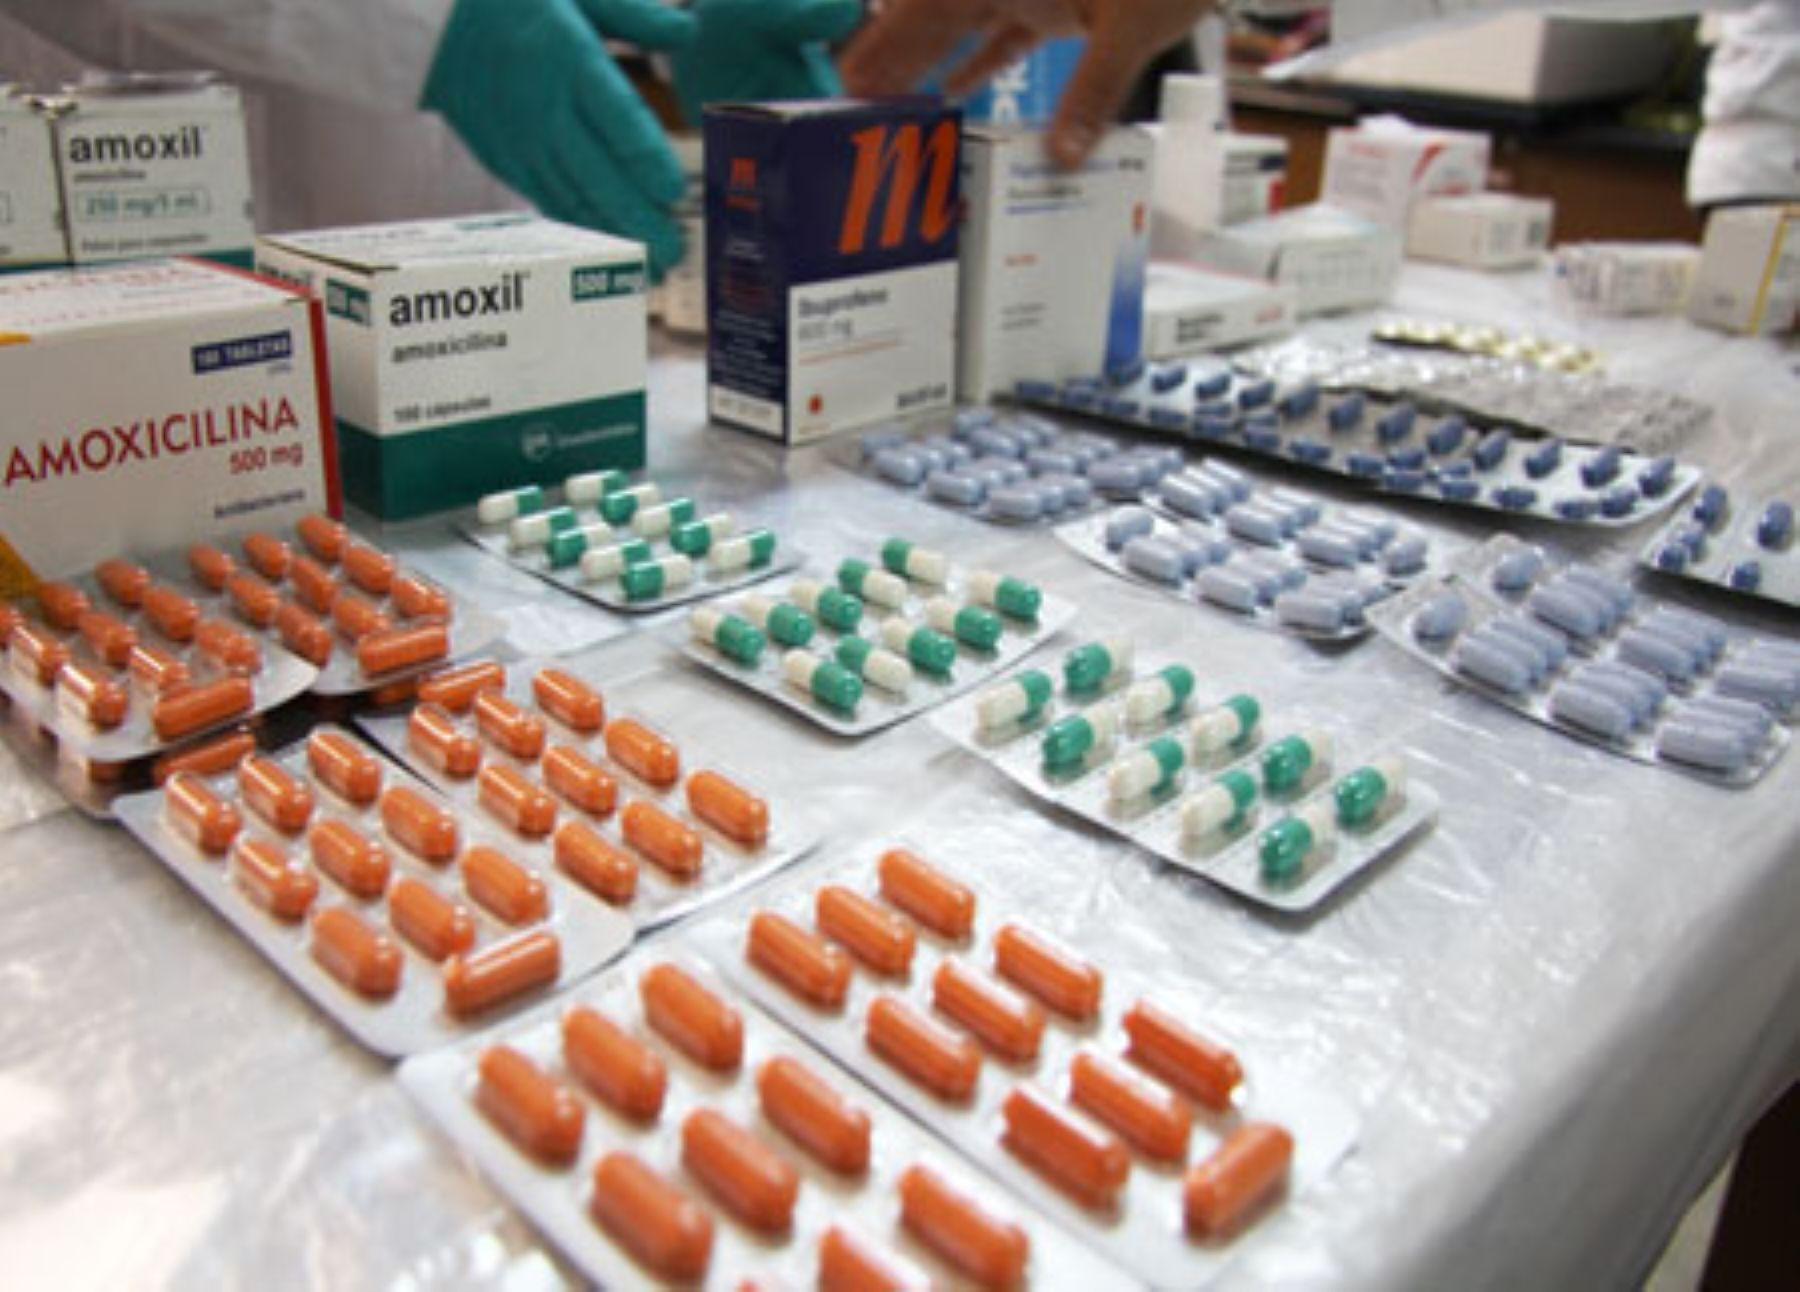 Medicinas genéricas son tan eficaces como las de marca y pueden costar hasta 172 veces menos, asegura el Ministerio de Salud. Foto: Minsa